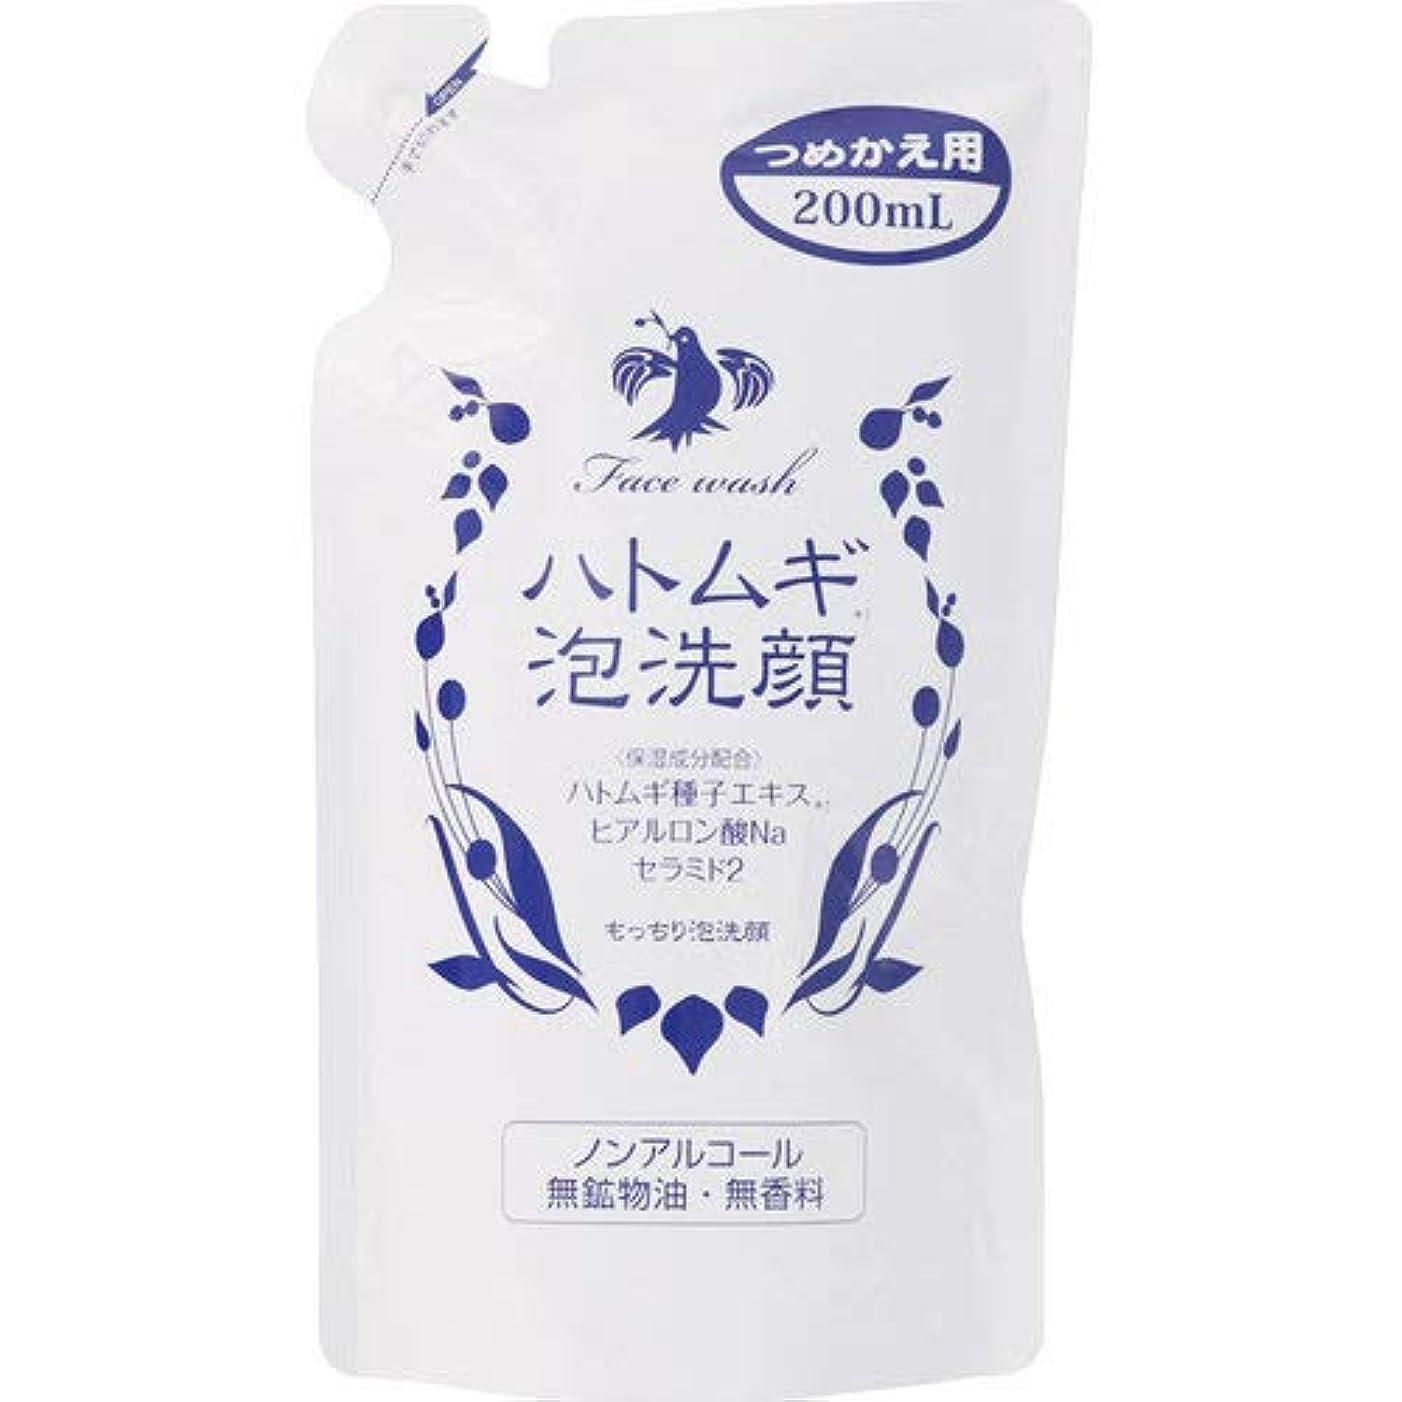 調和独立商標ハトムギ泡洗顔 つめかえ用 200mL